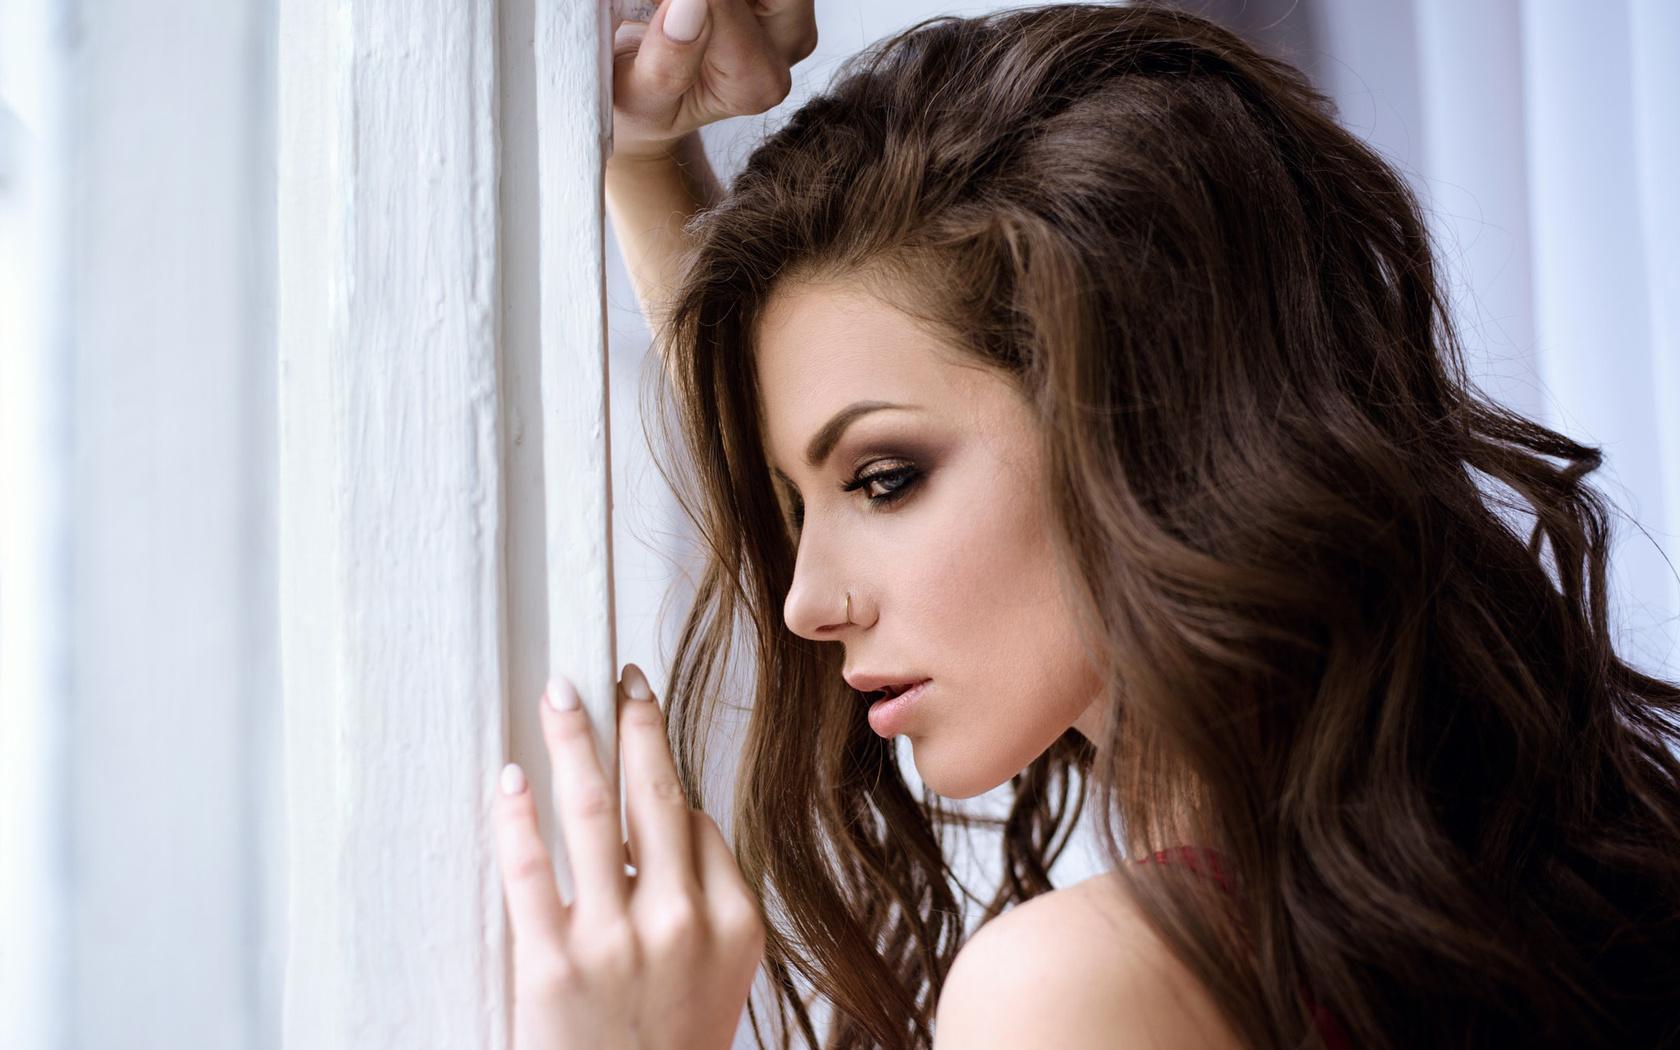 Картинка с профилем девушки красивая